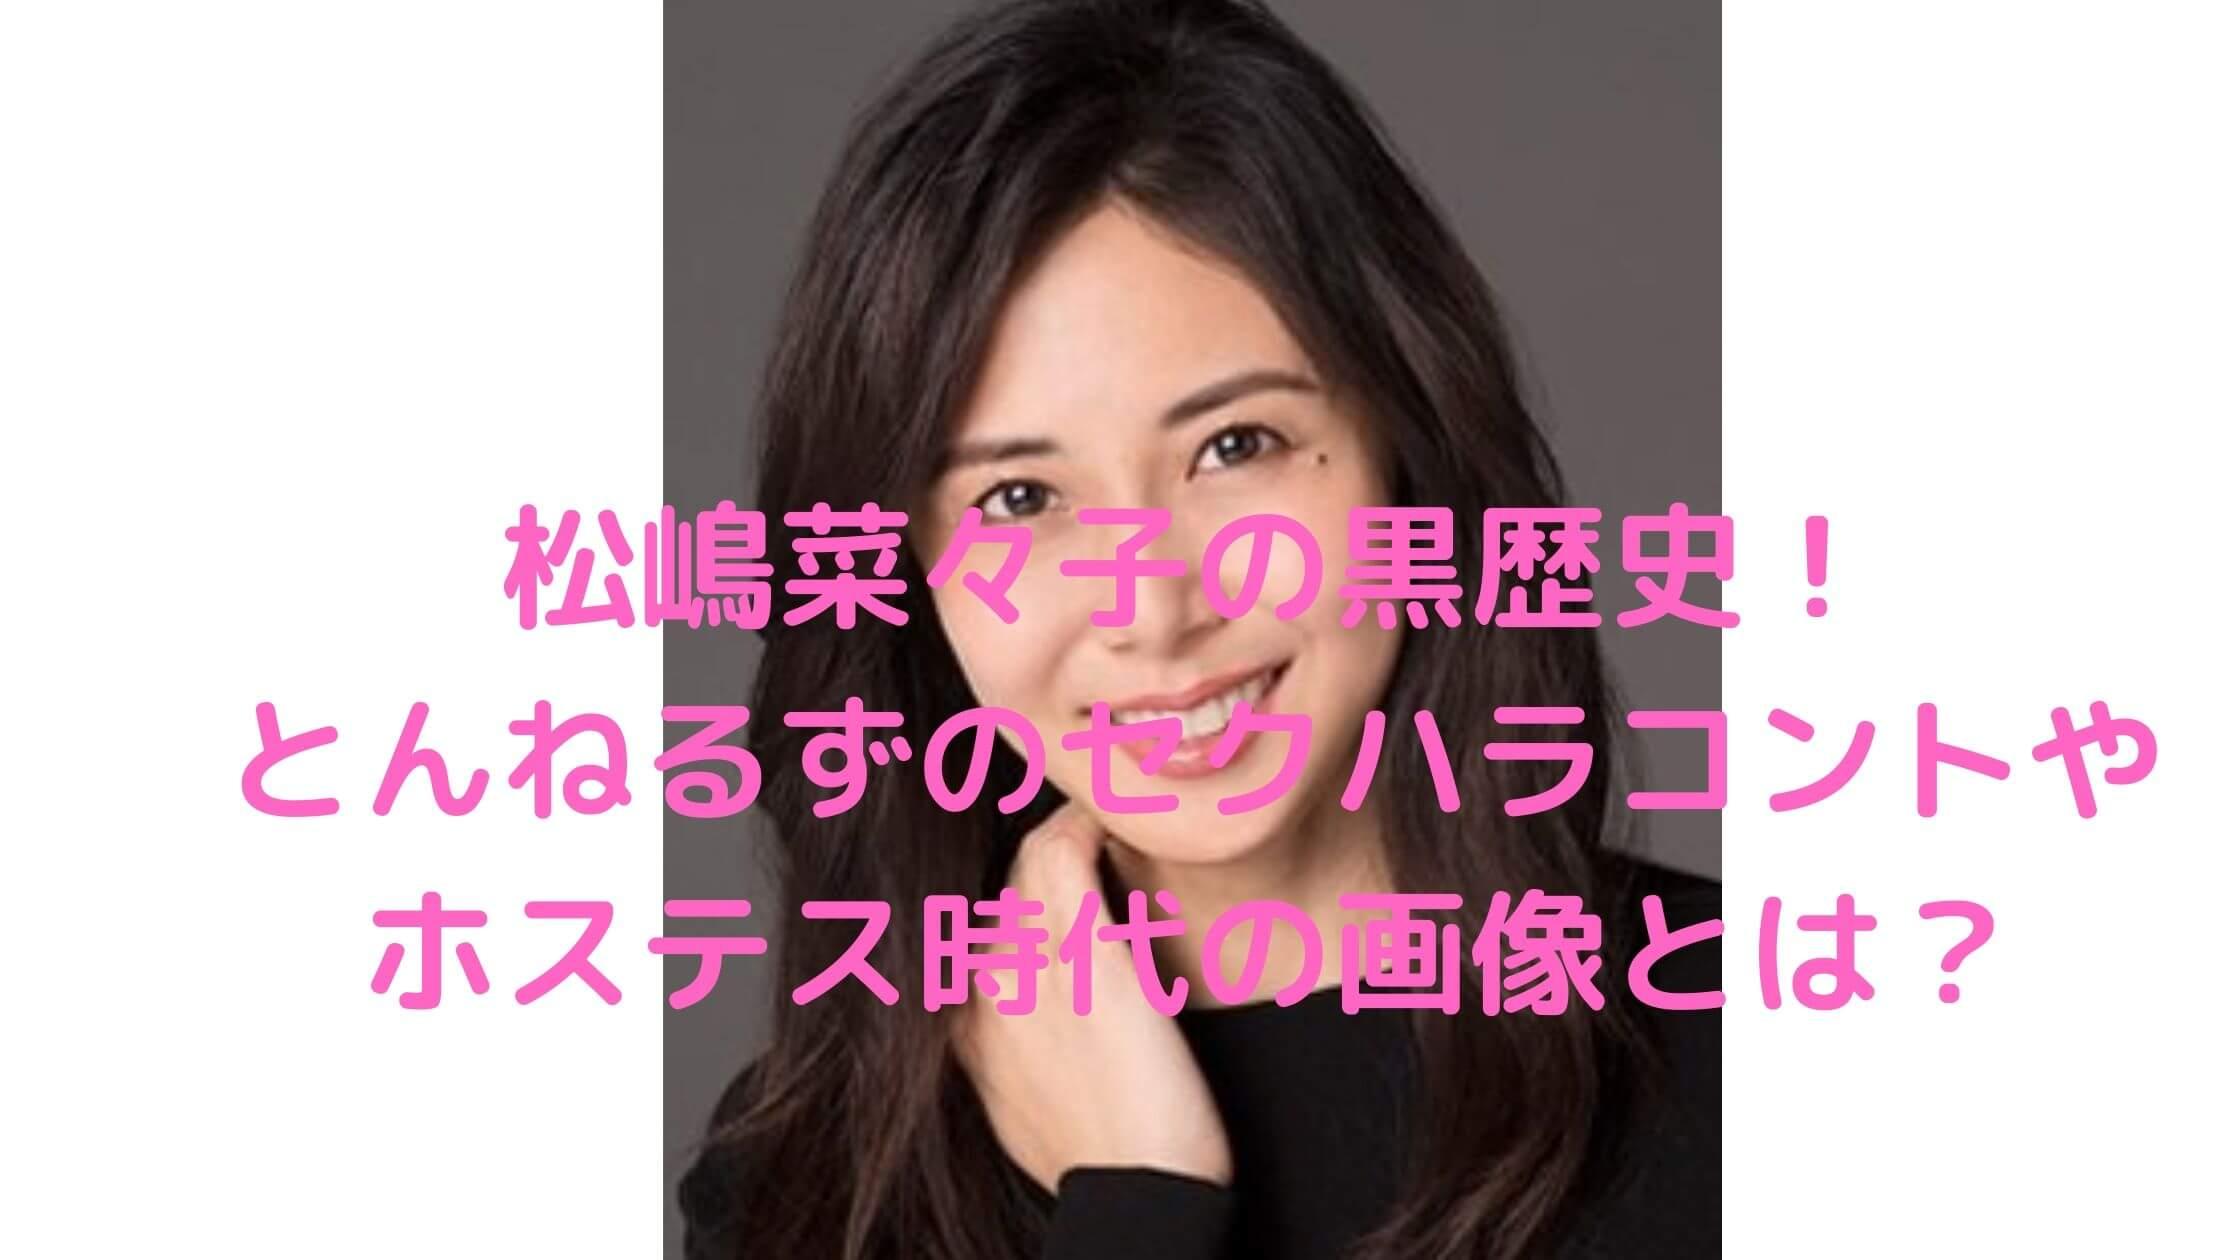 黒 松嶋 歴史 菜々子